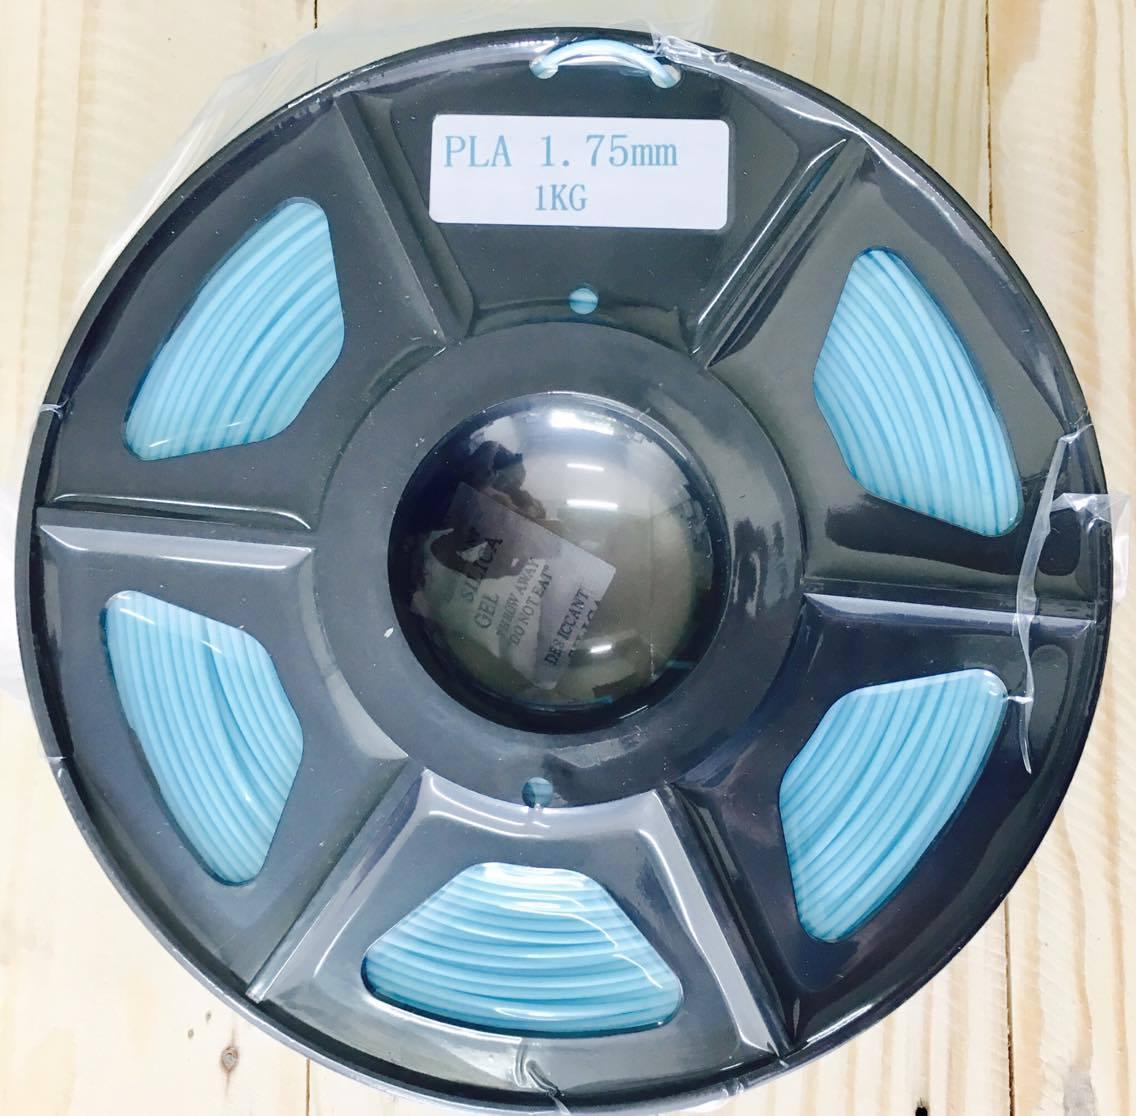 เส้นวัสดุ PLA ม้วนละ 1 กิโลกรัม (สีฟ้าอ่อน)